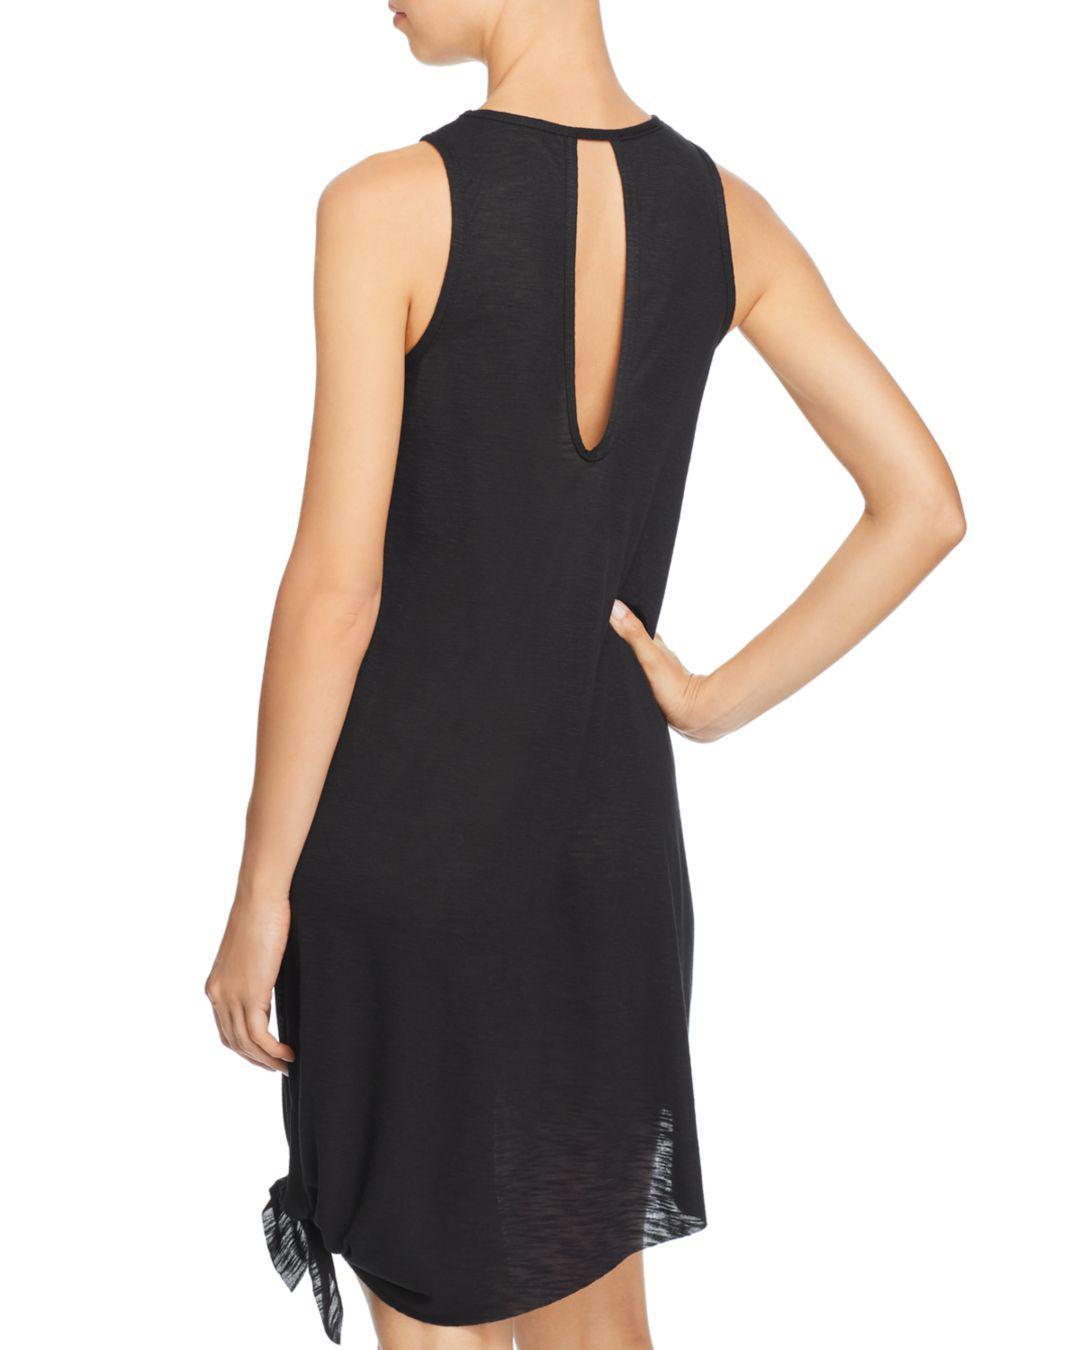 19da9a81fa Lyst - Becca Breezy Basics Dress Swim Cover-up in Black